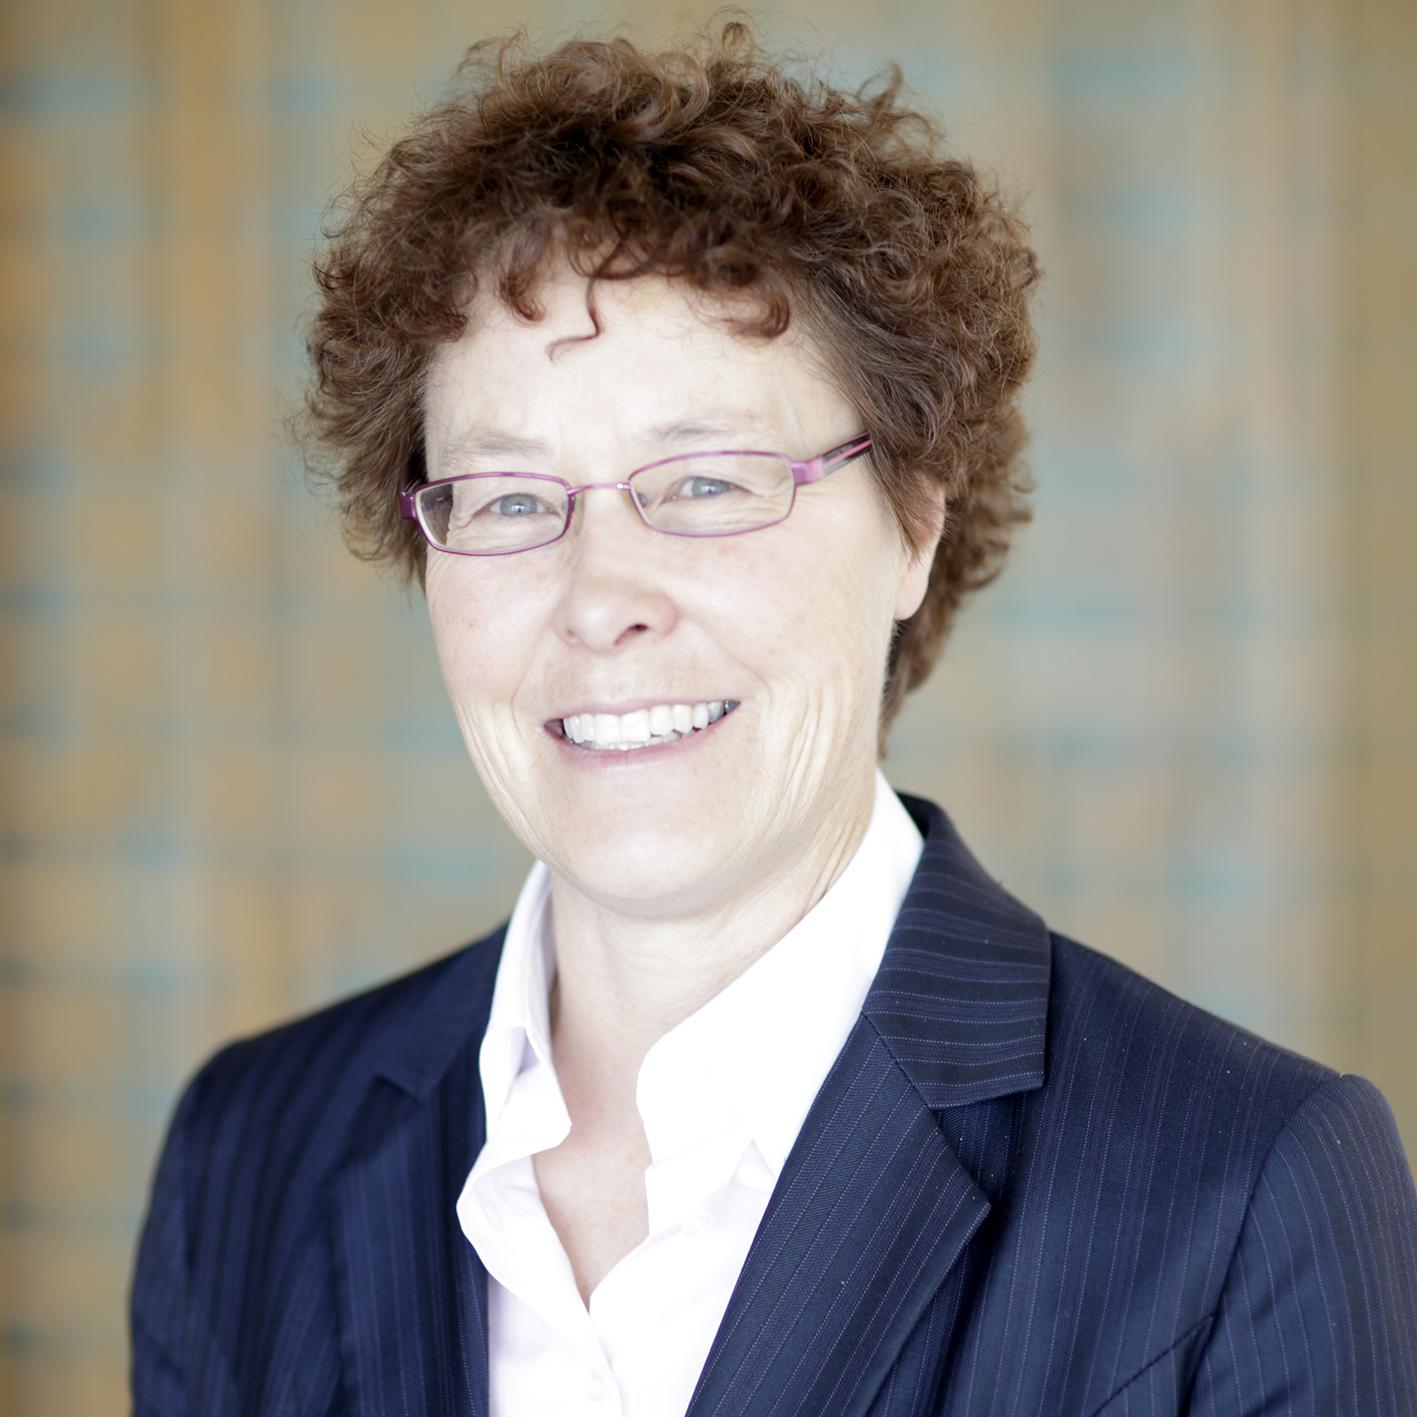 Headshot of Alexandra Wedutenko